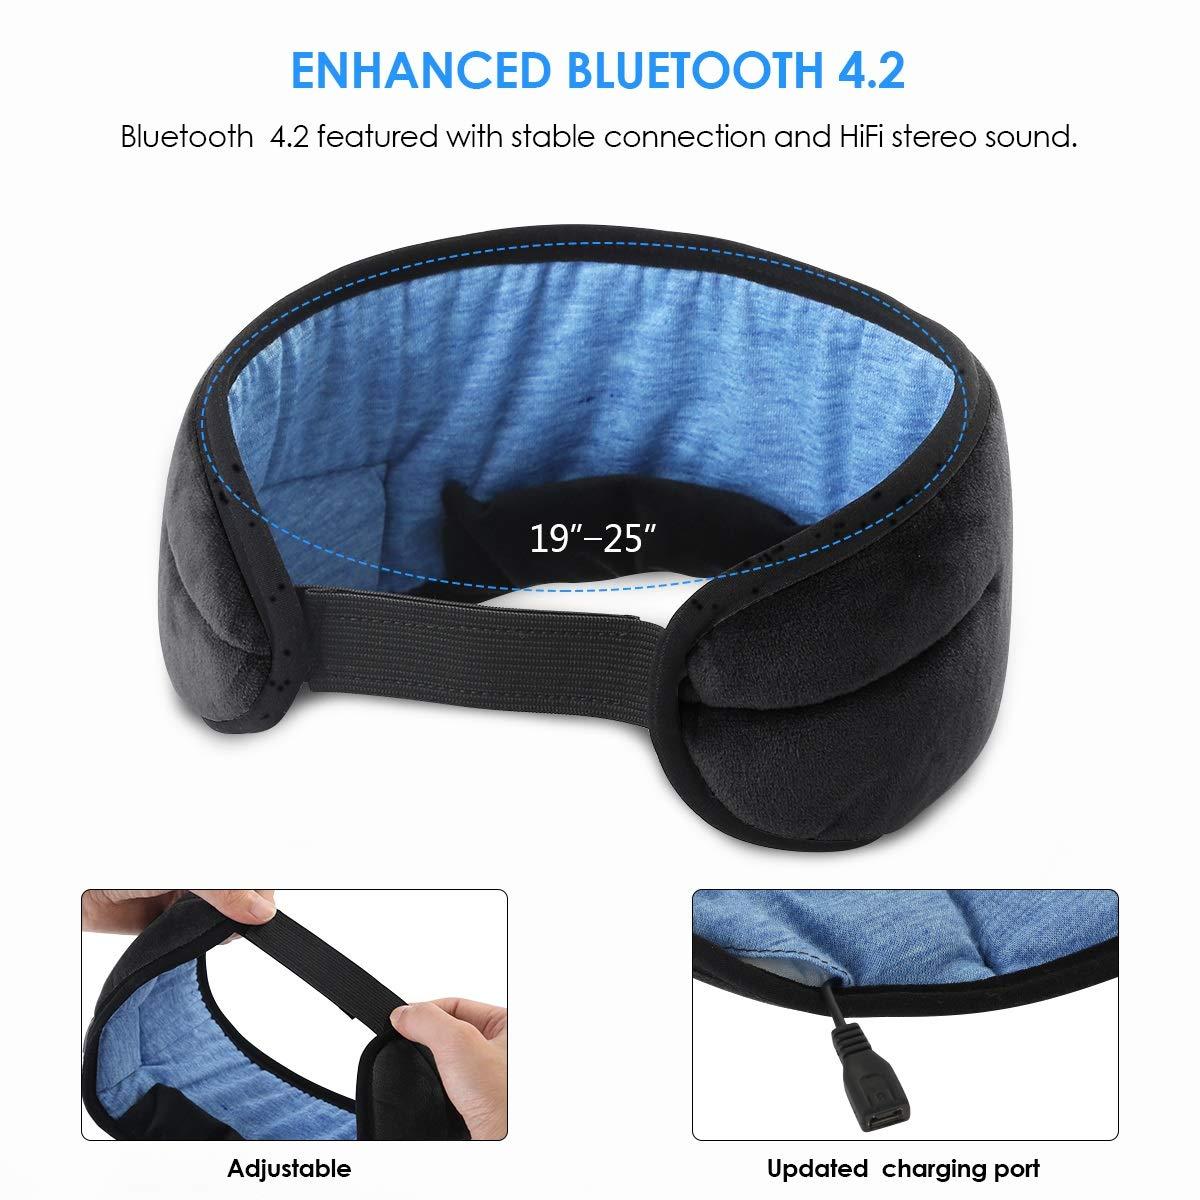 Jinxuny Bluetooth Sleeping Eye Mask Headphones Sleeping Voyage Musique Eye Cover Wireless Masque de Sommeil Lavable Ultra Confortable Masque pour Les Yeux avec des /écouteurs pour Homme Femme Dormir